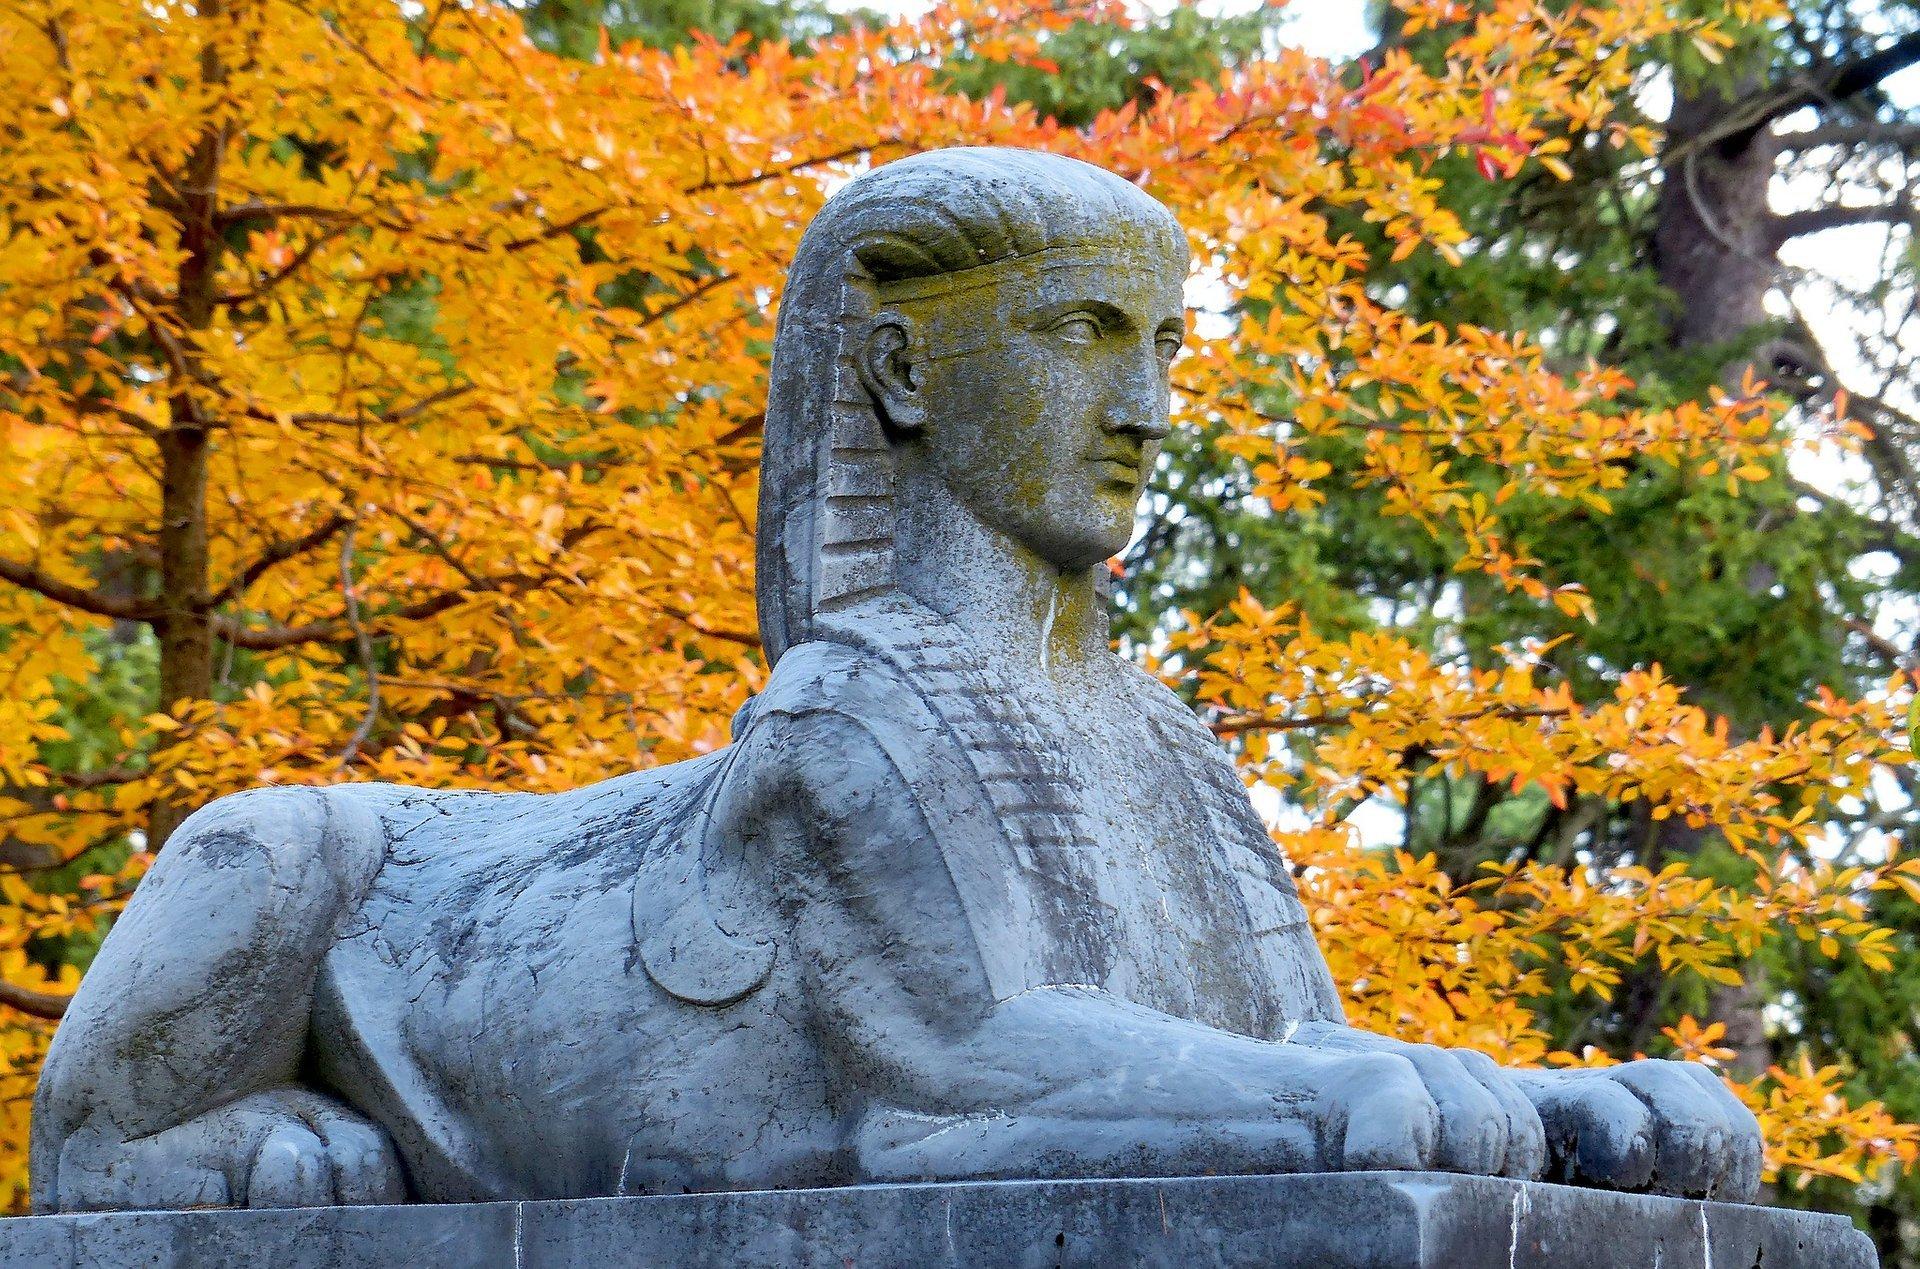 Sphinx gravestone in Spring Grove Cemetery 2020